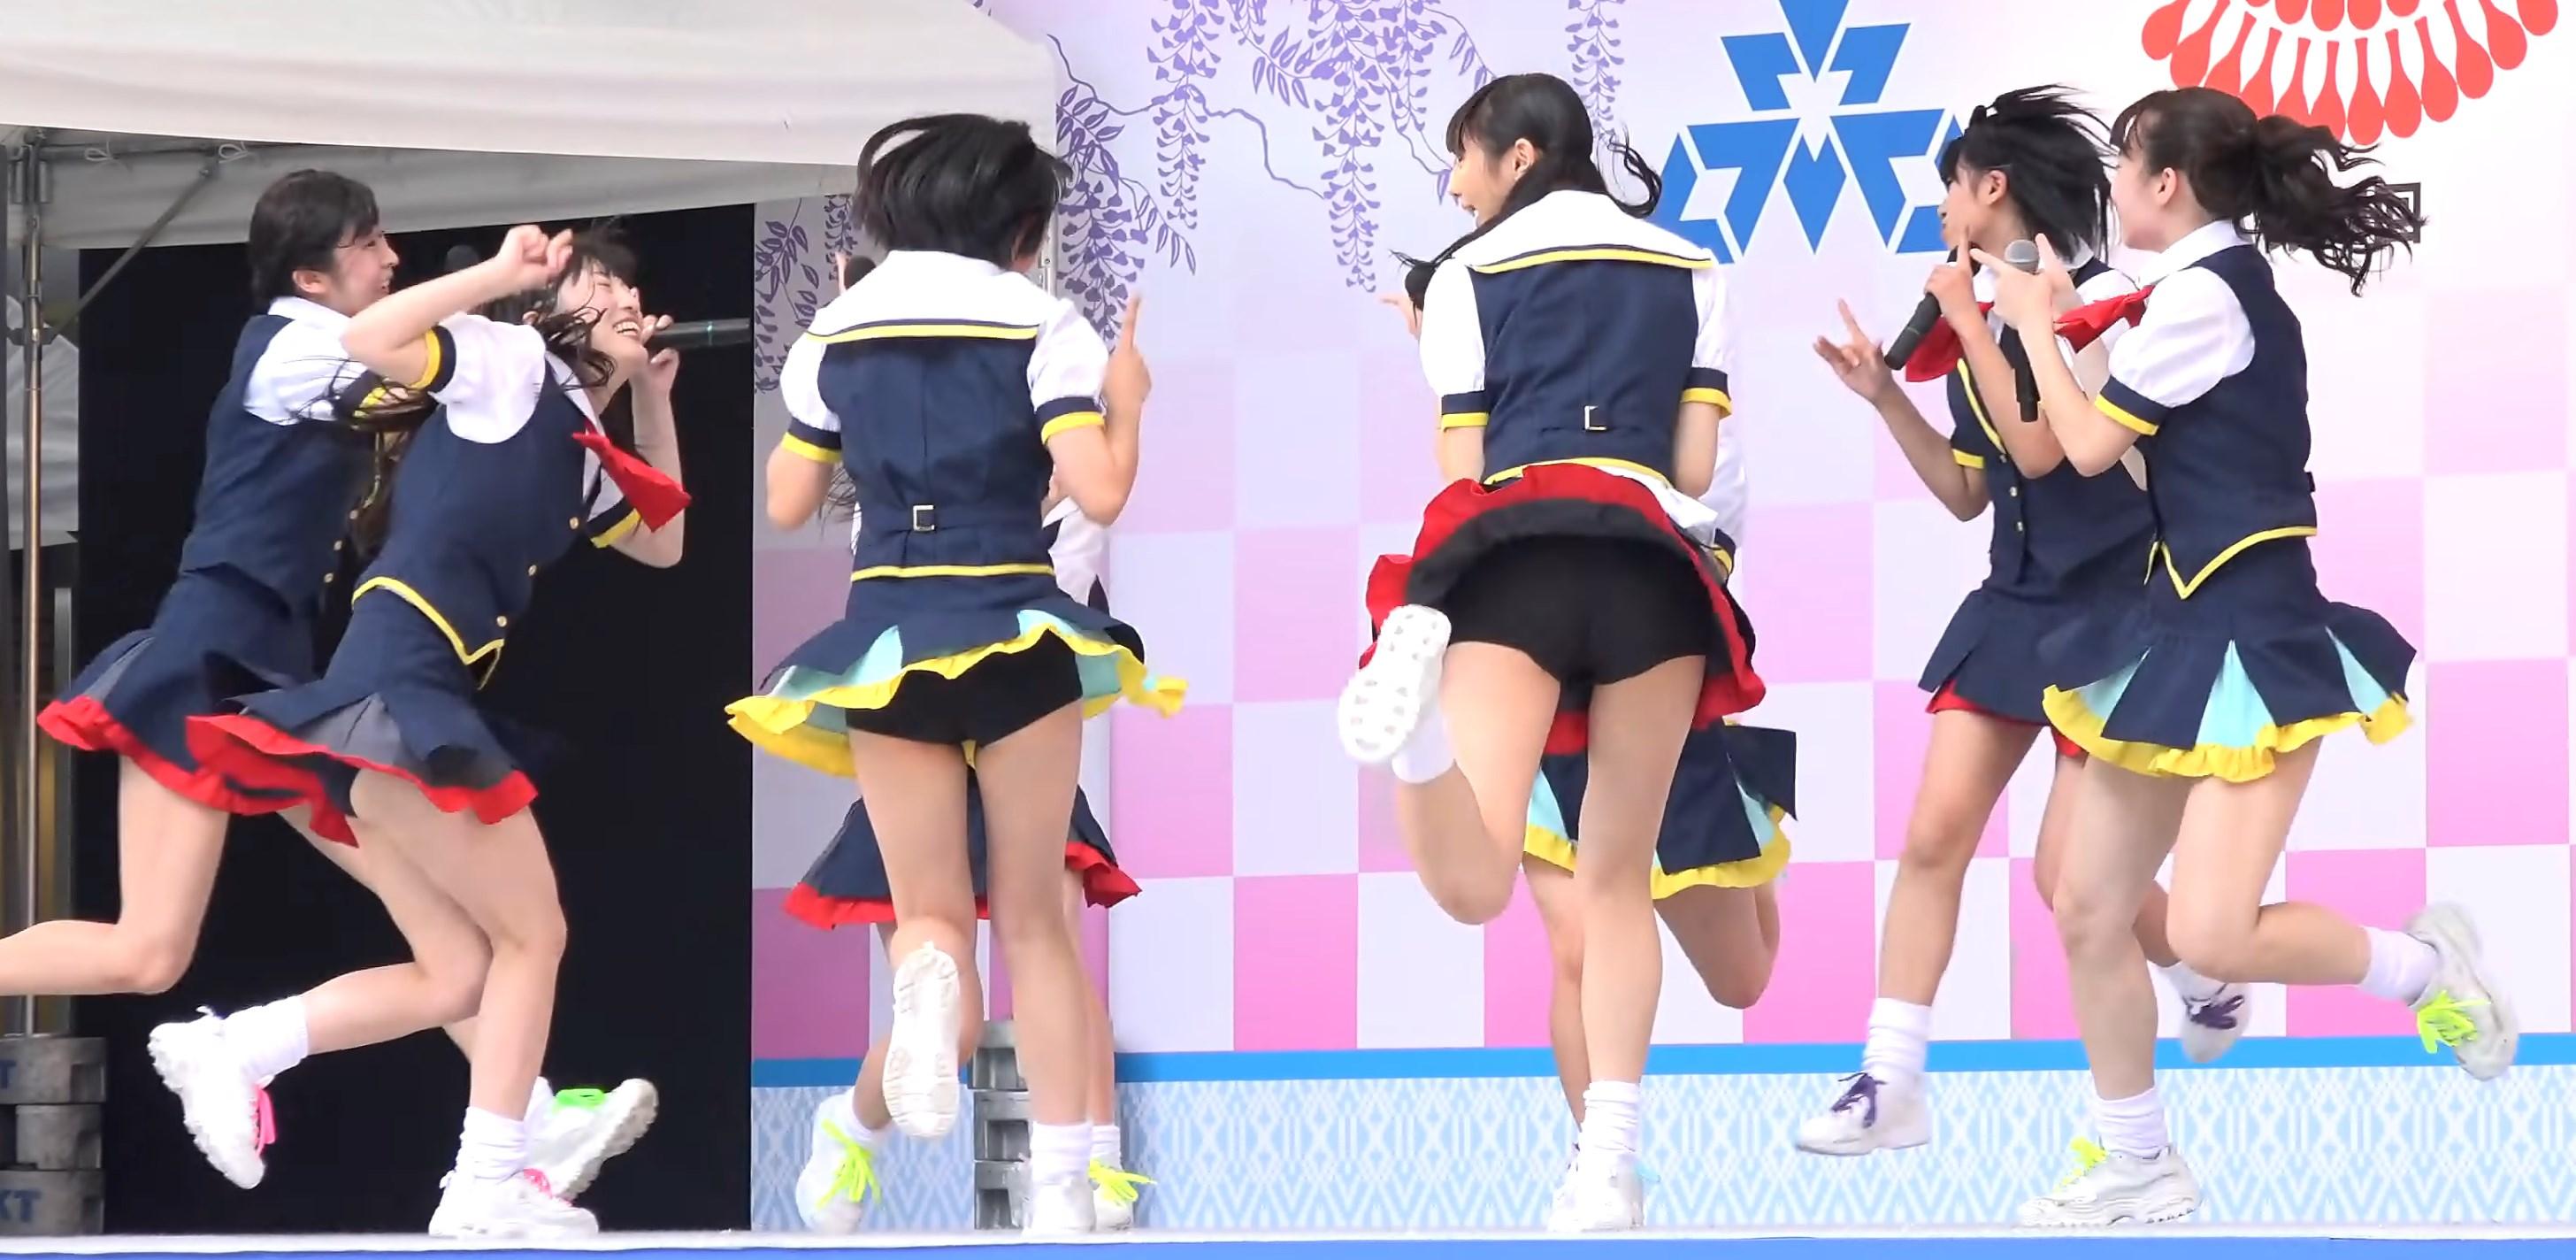 福岡の美少女アイドルグループ「HR」のお宝パンチラ